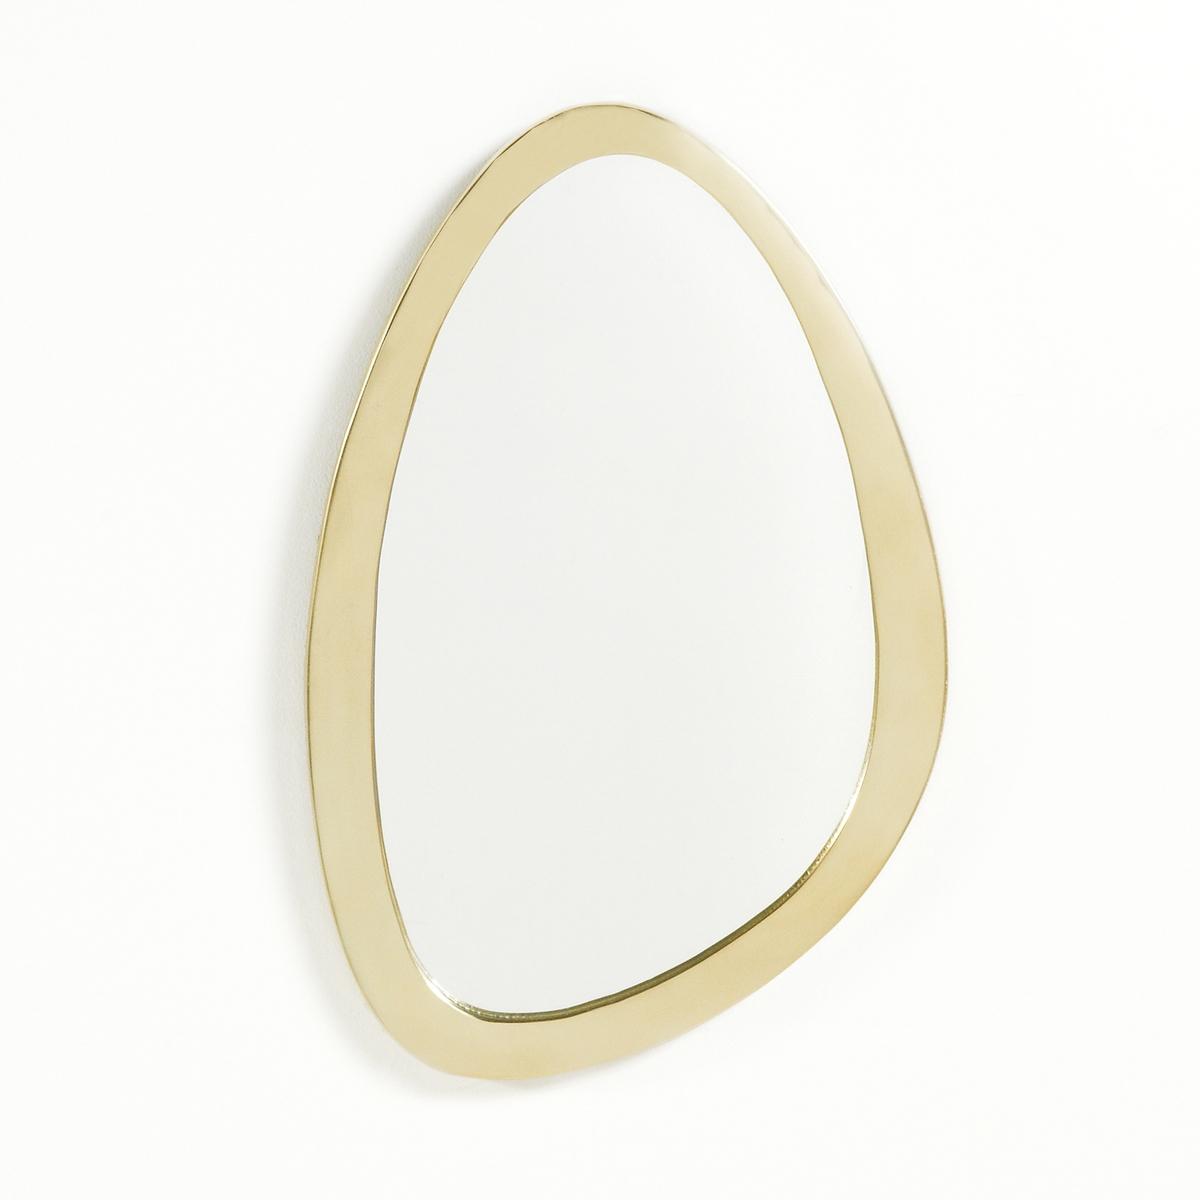 Зеркало латунноеХарактеристики зеркала  :Литая алюминиевая оправа с латунной отделкой.2 крючка для крепления на стену (горизонтально или вертикально)- Шурупы и дюбеля продаются отдельно  Размеры зеркала  :Д26 x В40 смНайдите всю нашу коллекцию декоративных зеркал на сайте laredoute.ru  Для размера на 180 на 140 см: длина 180 см, ширина 140 см. Для размера 240 на 140 см: длина 240 см, ширина 140 см. Для размера 350 на 140 см: длина 350 см, ширина 140 см..<br><br>Цвет: латунь